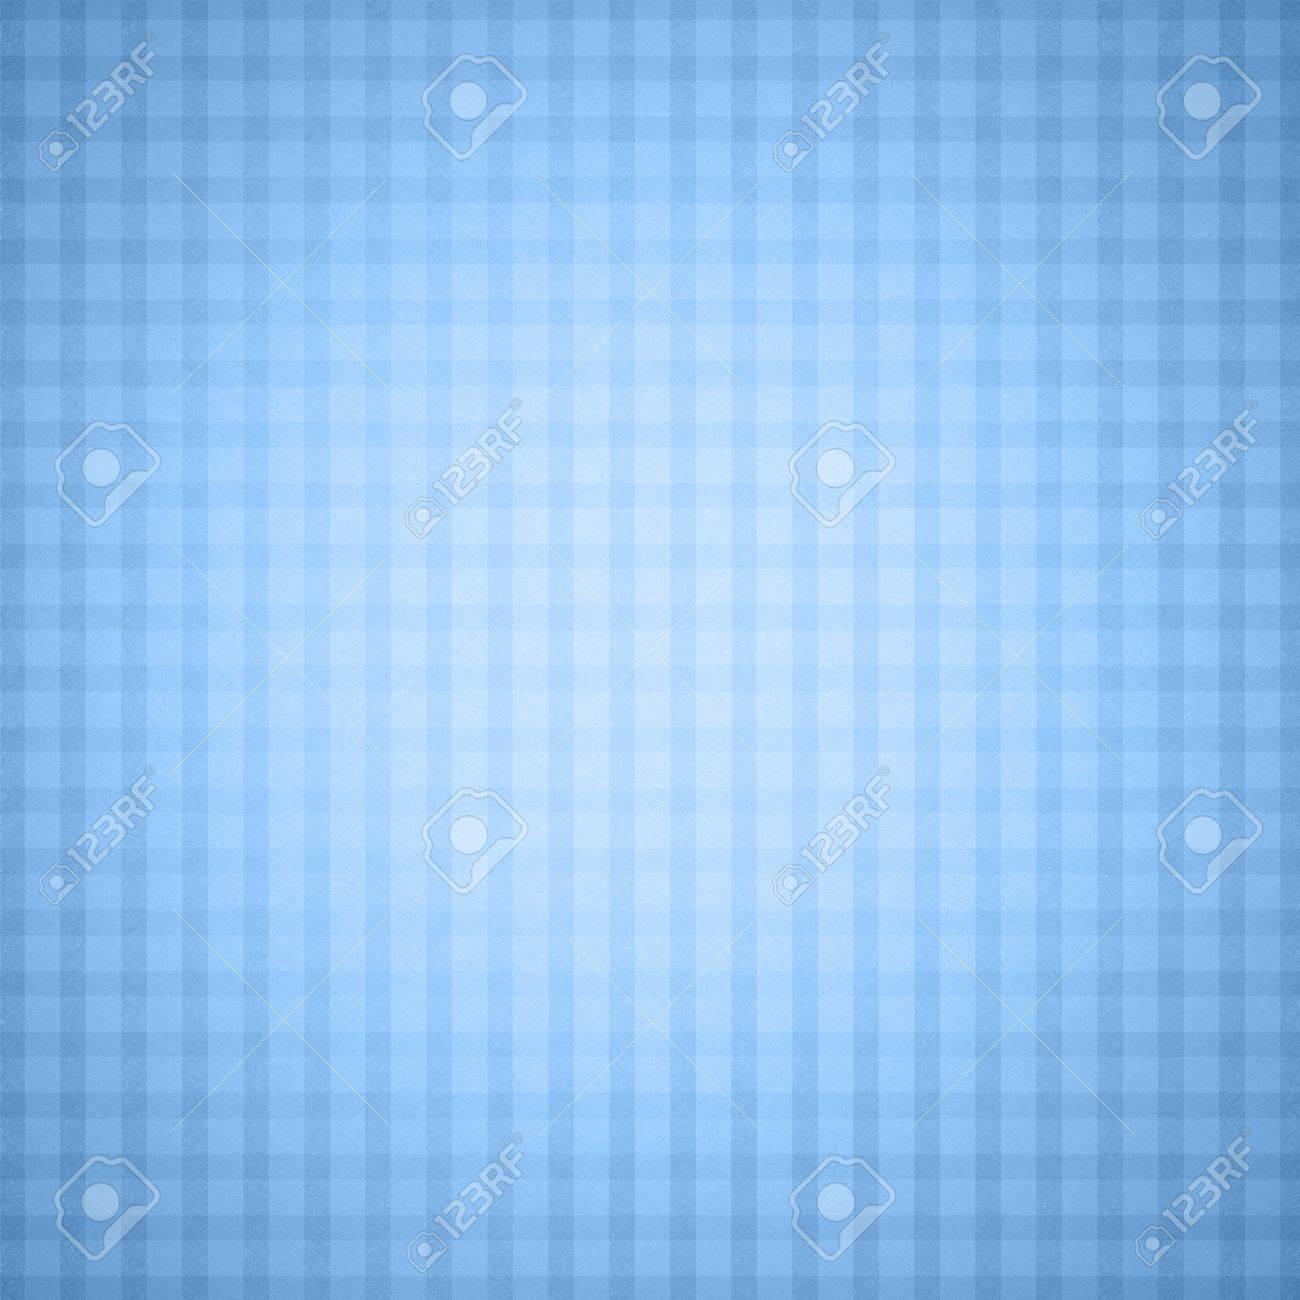 Abstracto Fondo Azul Esquema De Trazado, Elementos De Línea O De ...